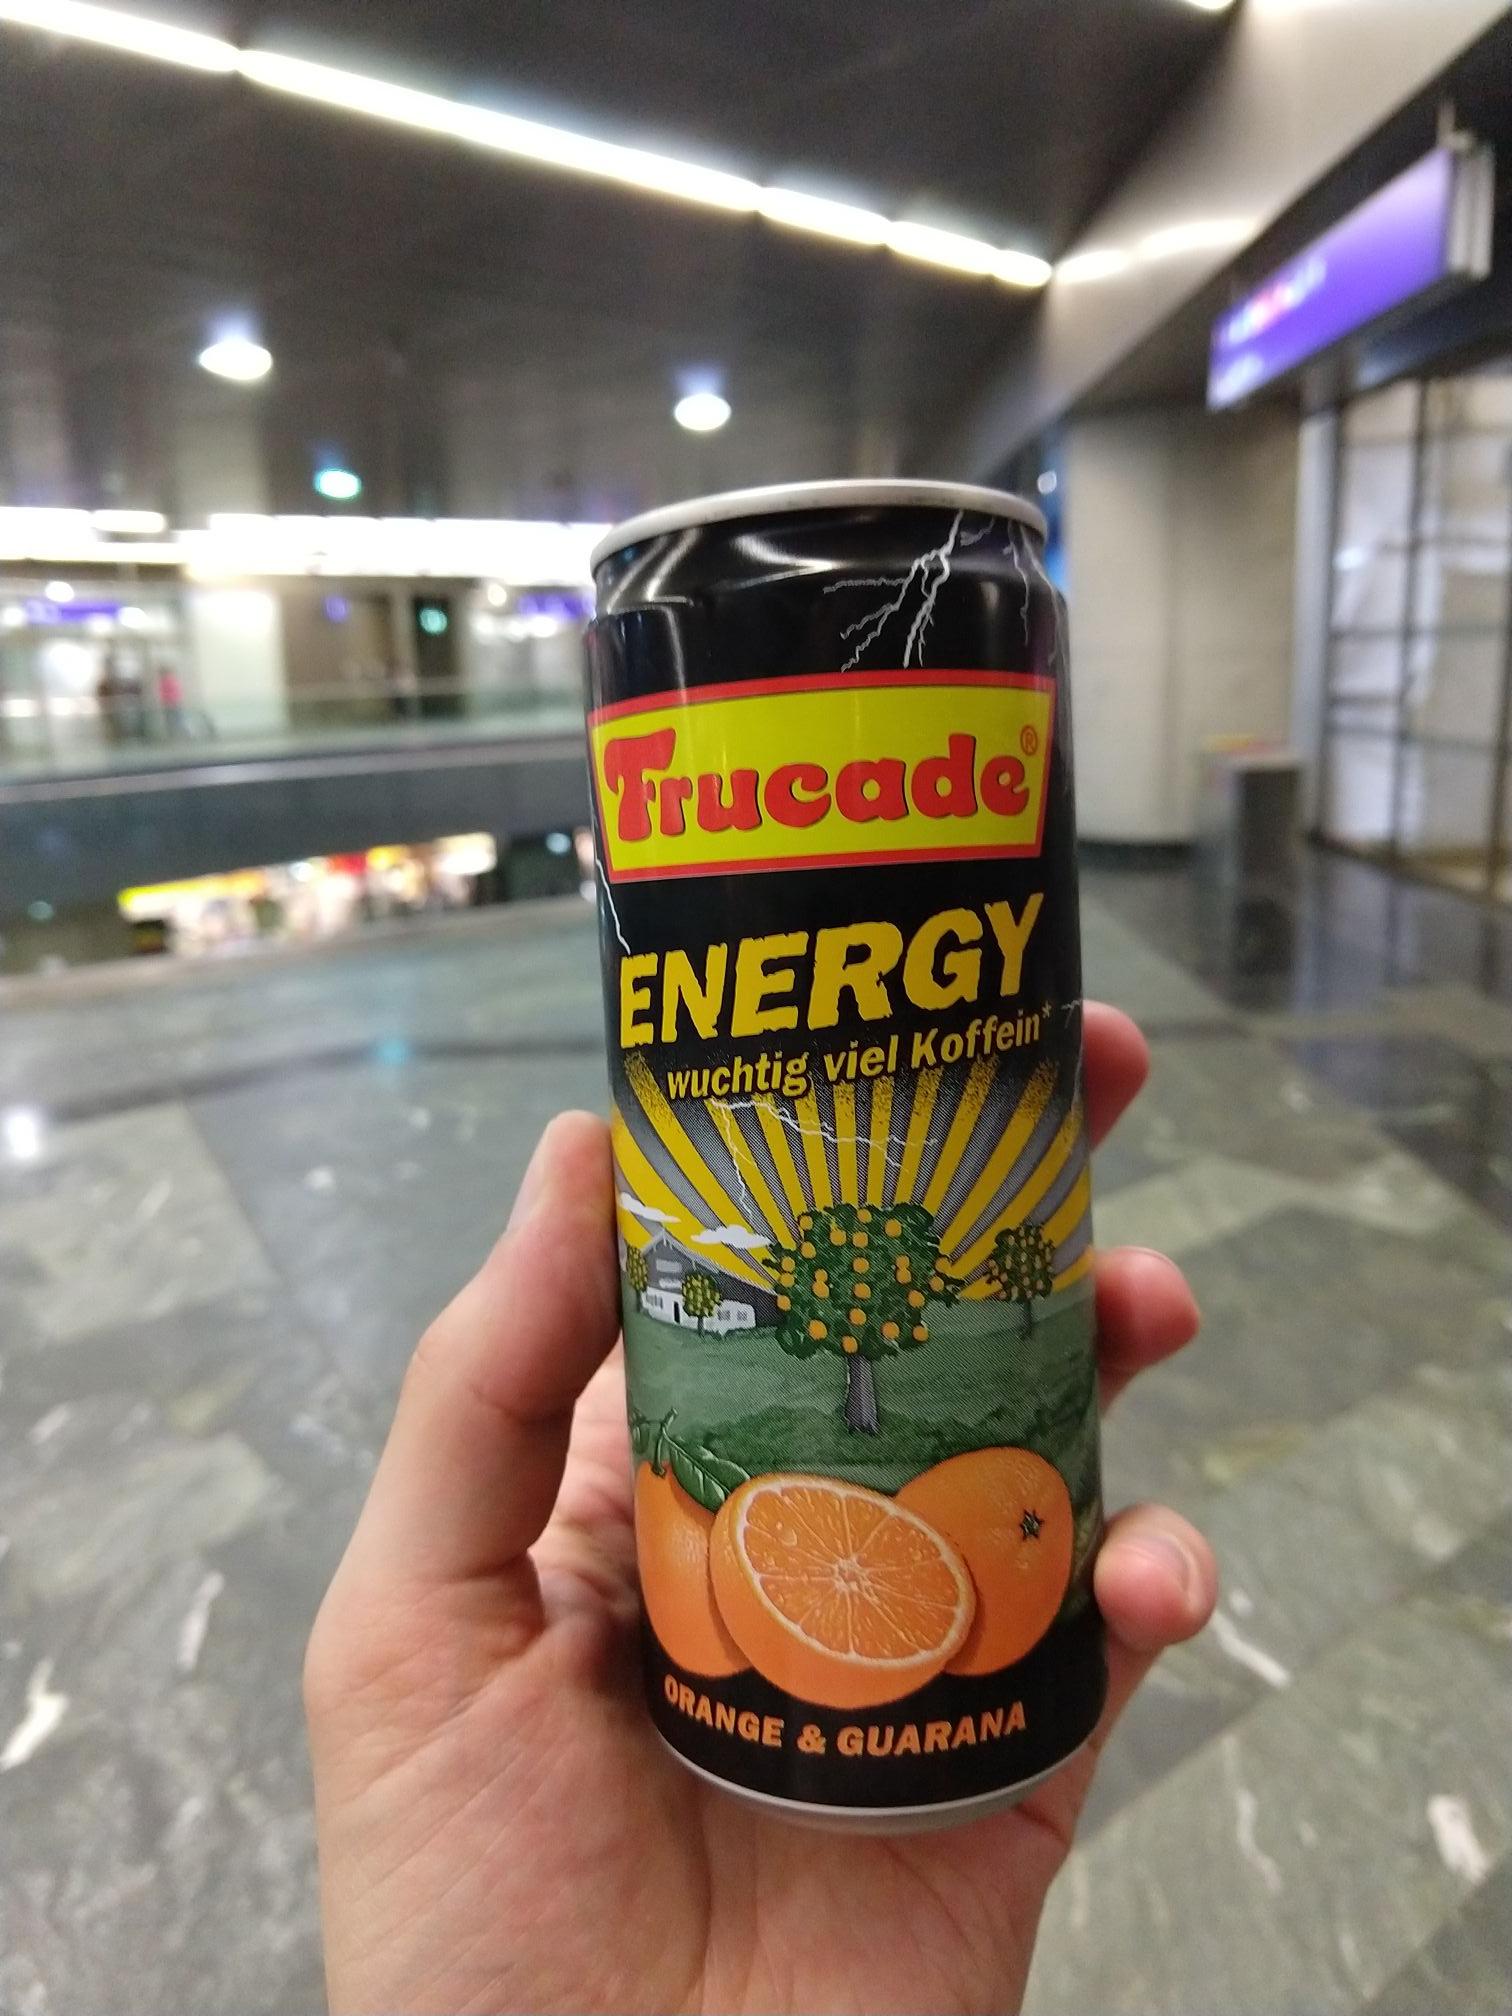 Frucade Energy 0,33l @Wien Hbhf